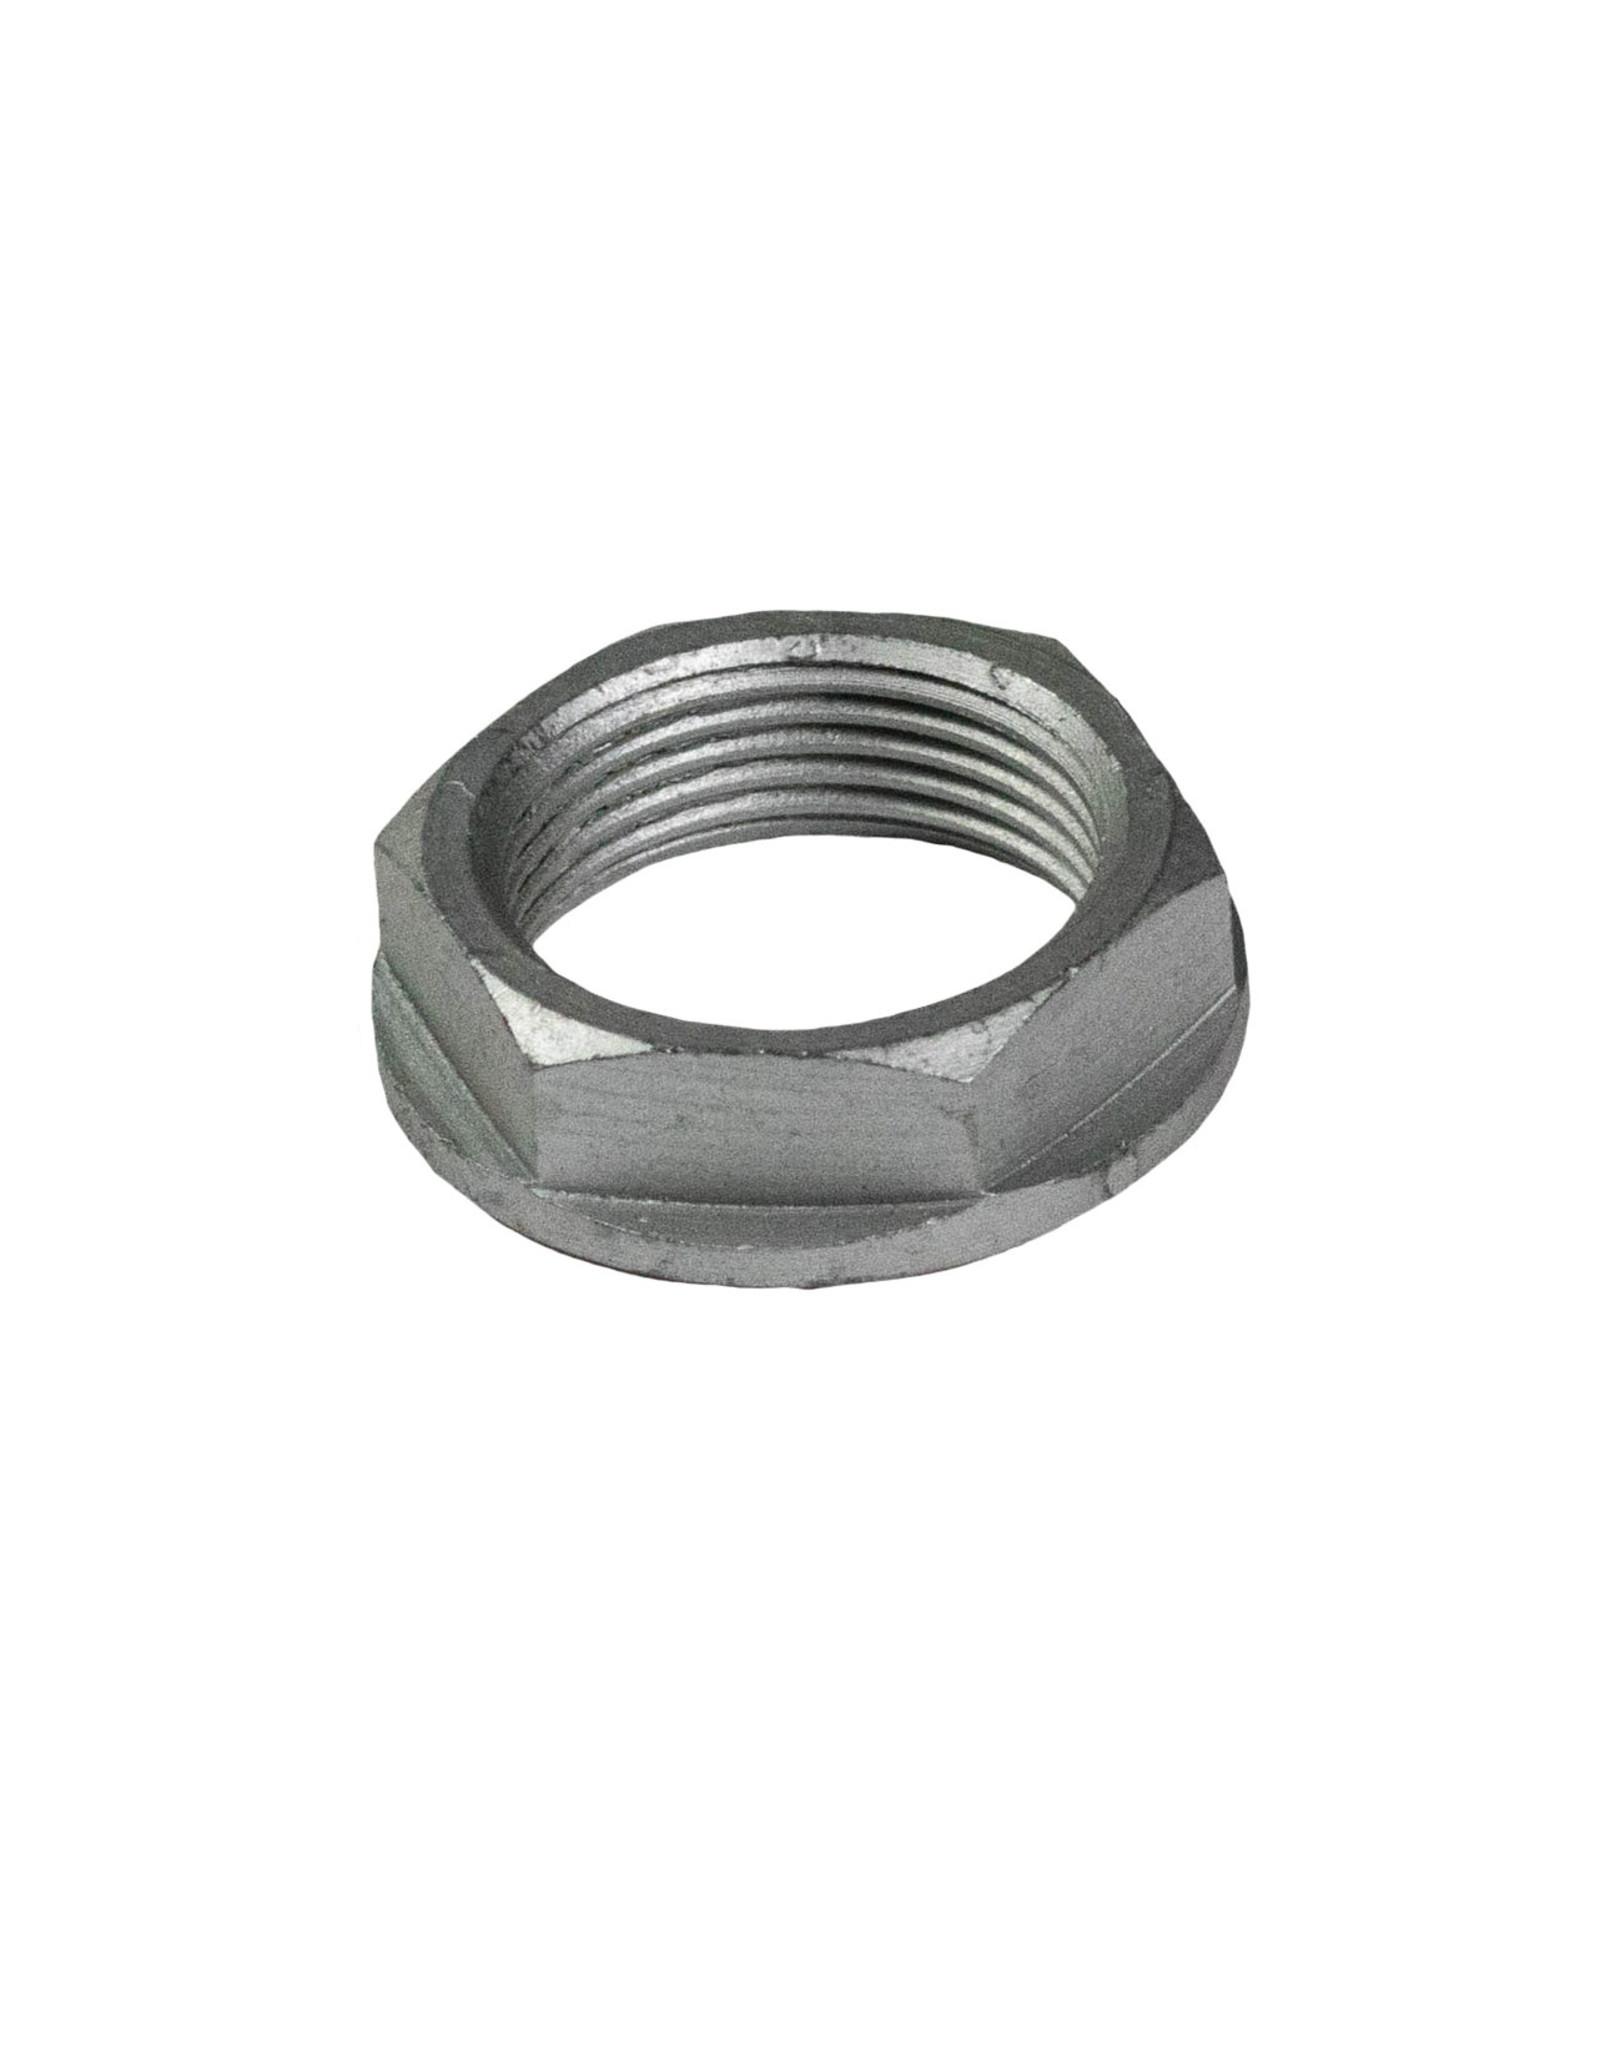 Aprilia Front Wheel Spindle Nut  AP8152335